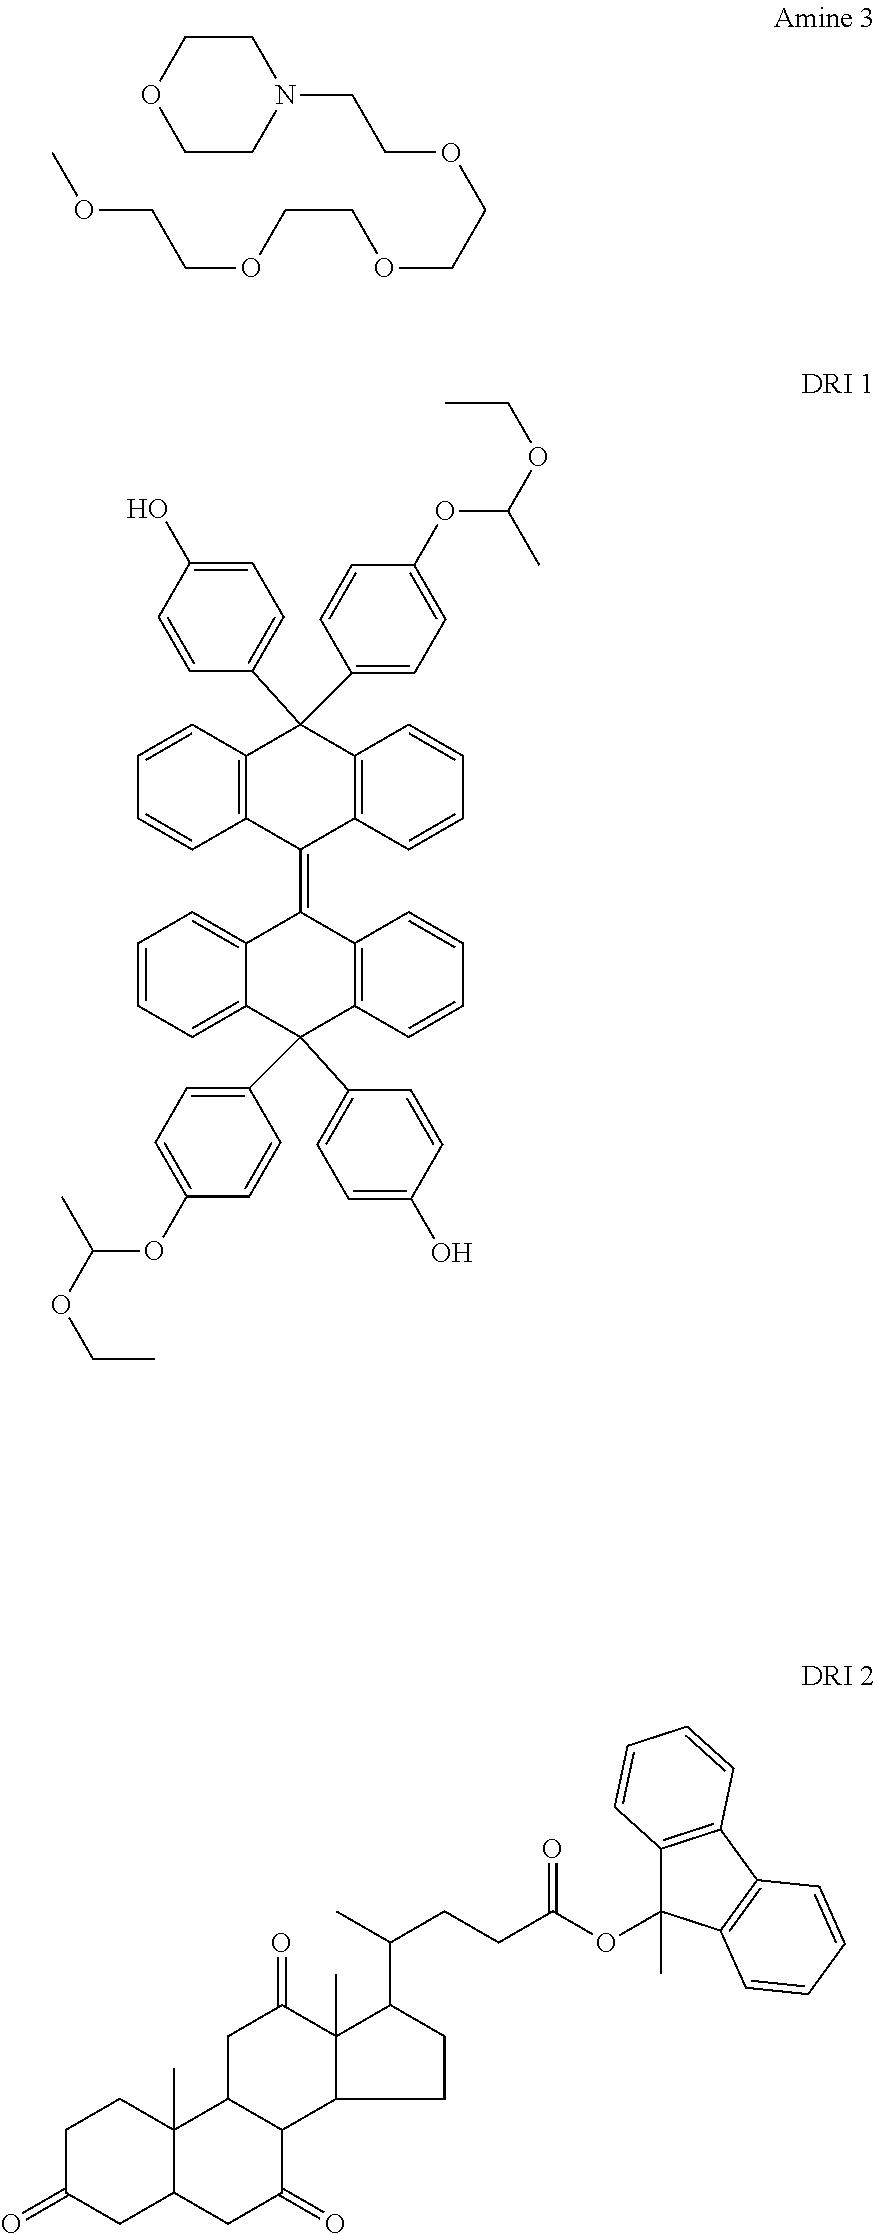 Figure US20110294070A1-20111201-C00114